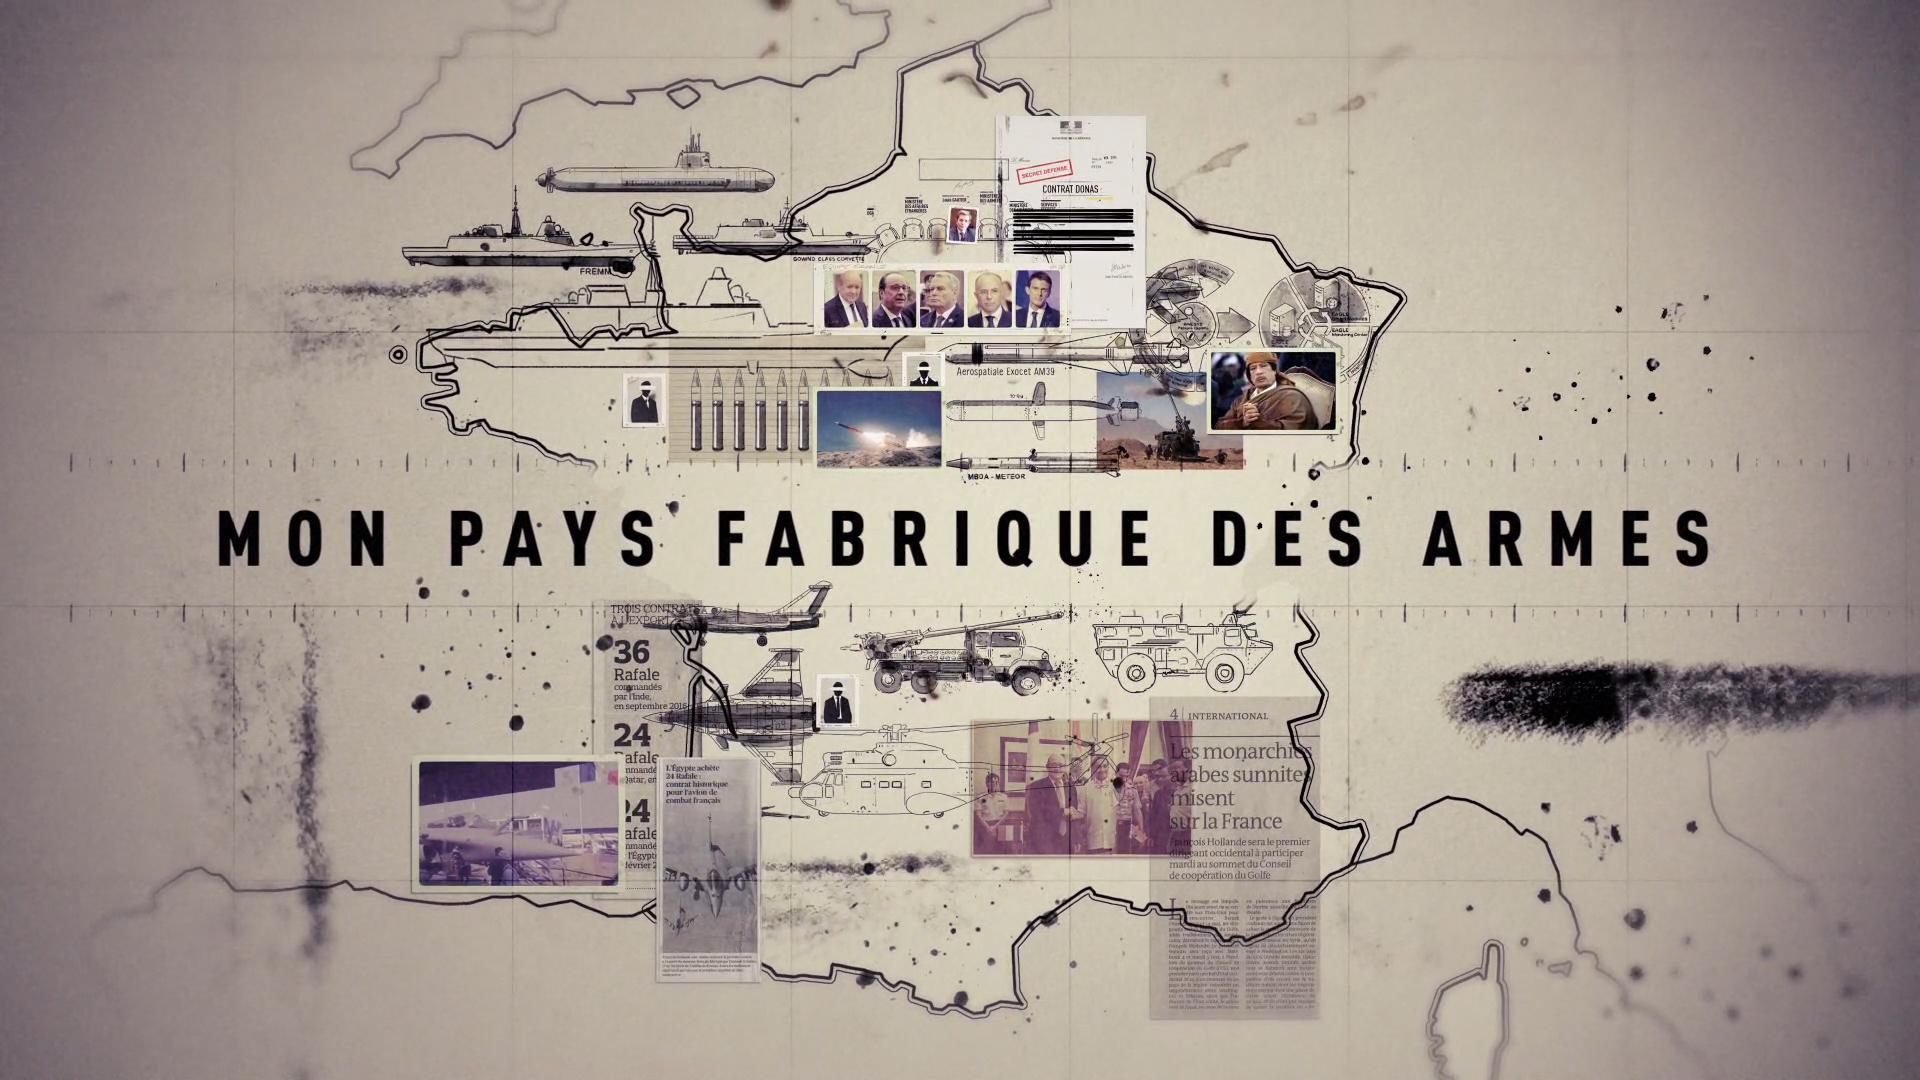 MON PAYS FABRIQUE DES ARMES // FRANCE 5